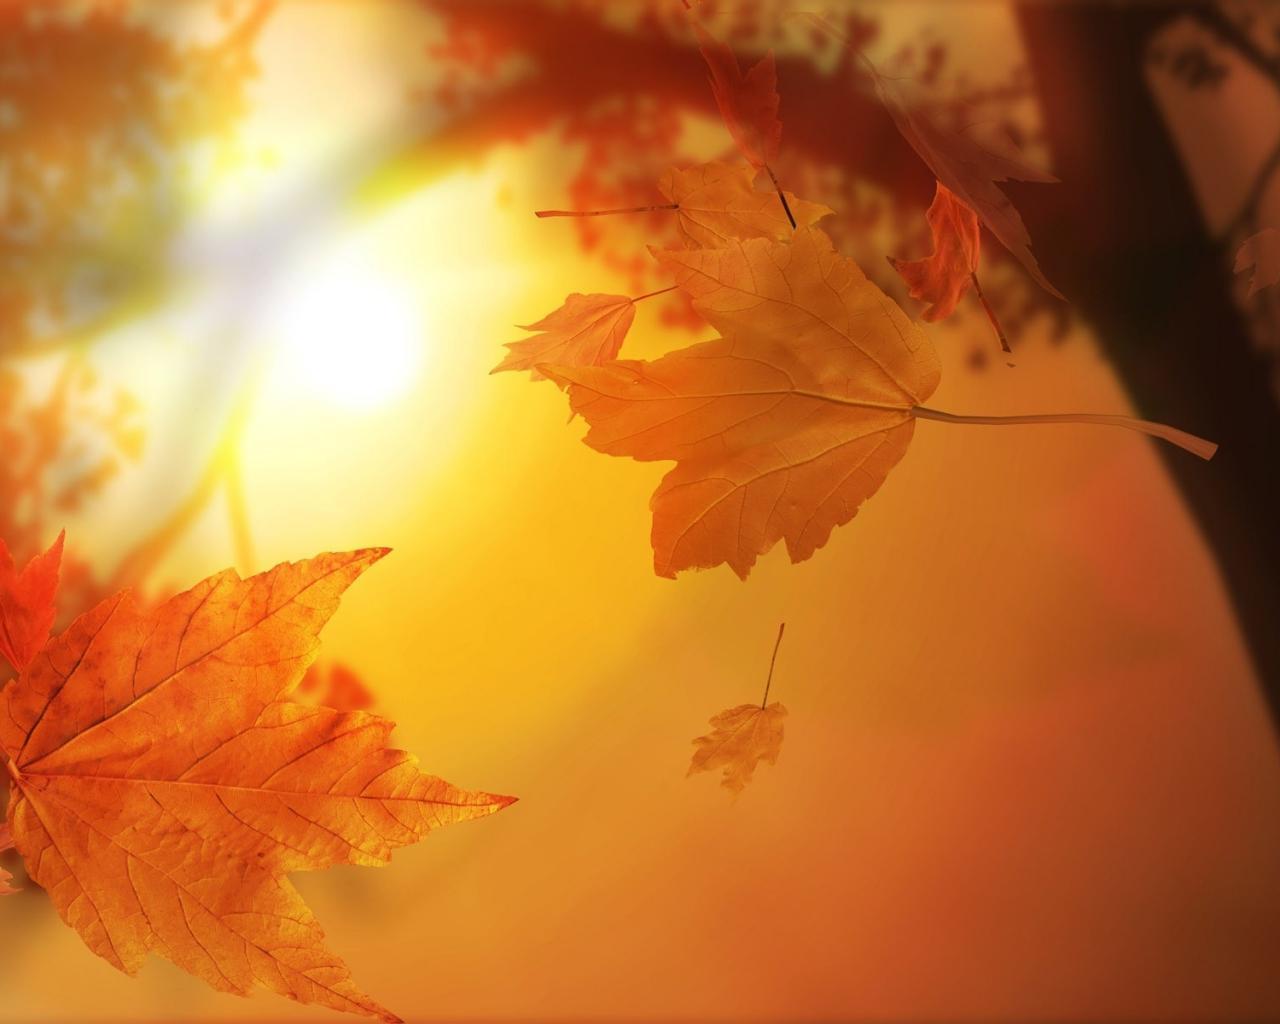 Осень листья свет солнце обои для